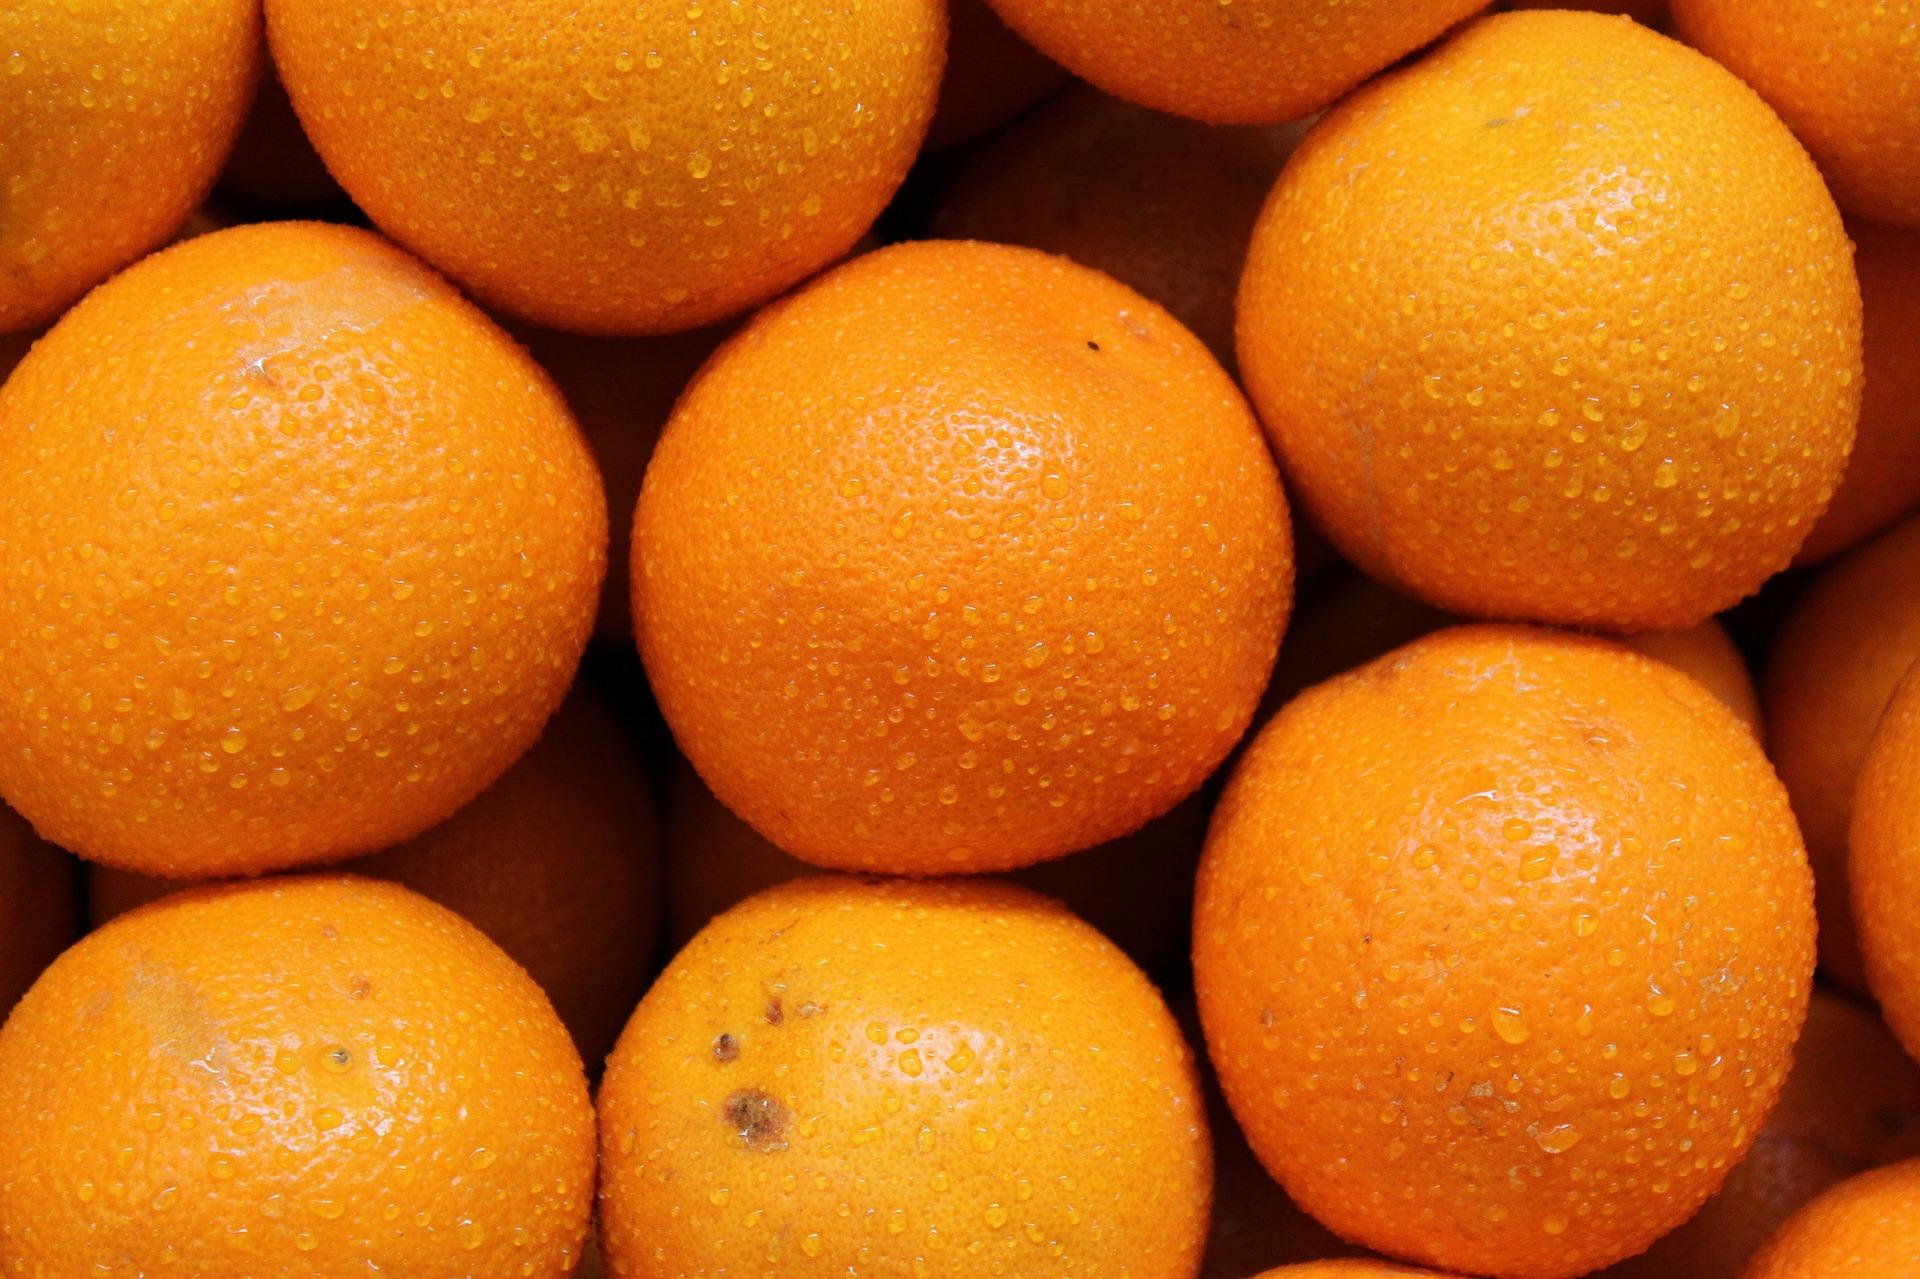 Acheter jus oranges